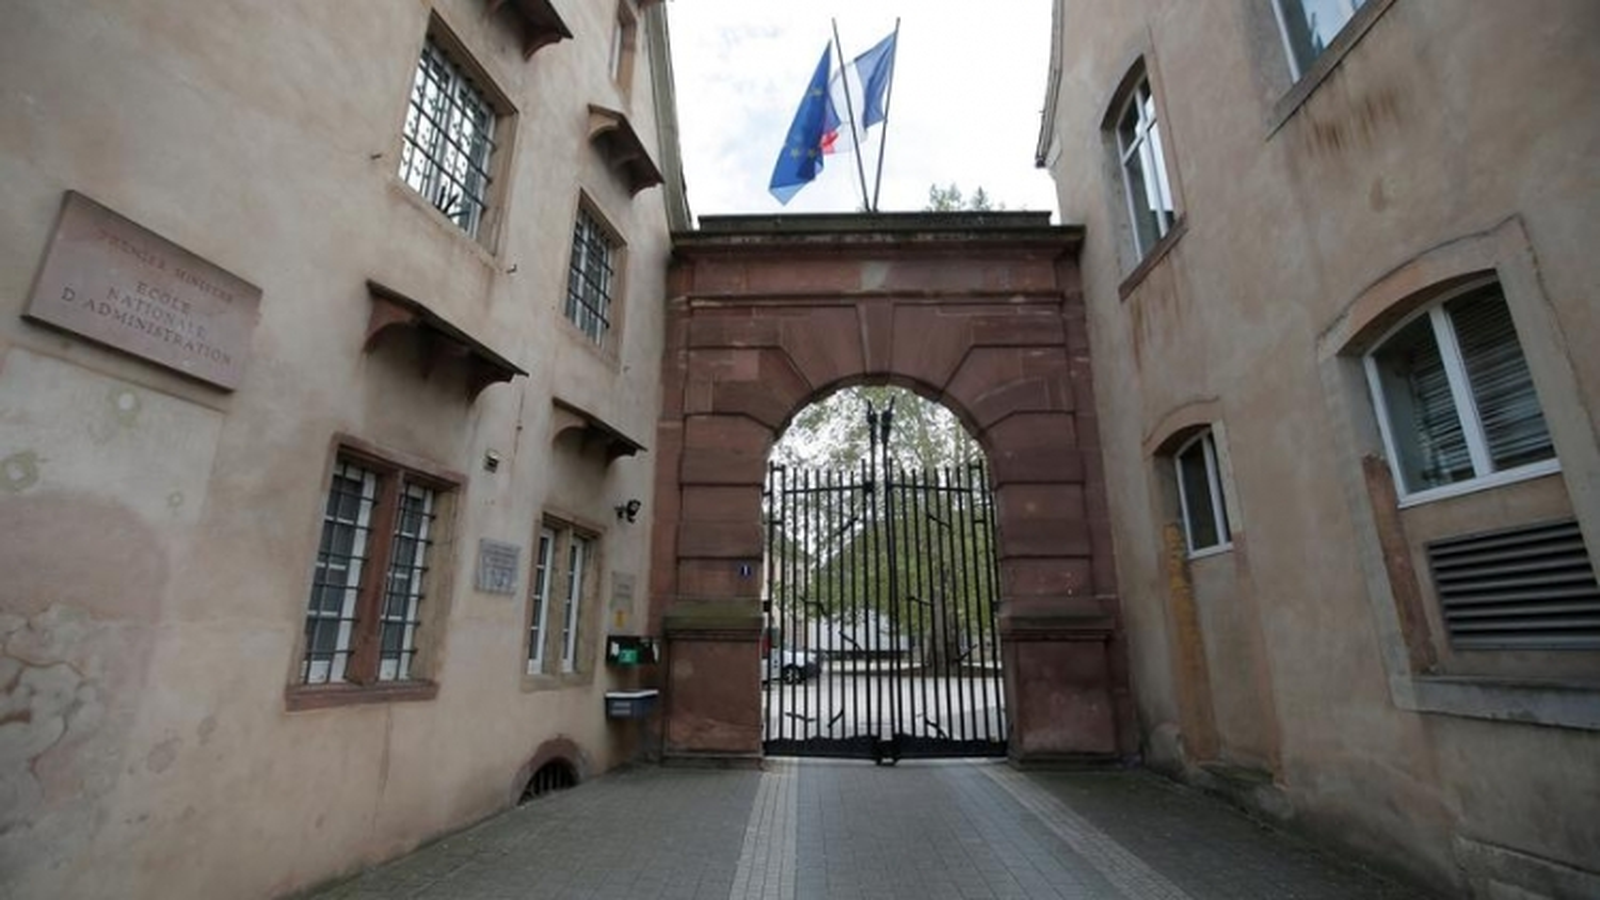 """Đóng cửa """"nôi đào tạo các yếu nhân"""", Pháp nỗ lực thúc đẩy bình đẳng xã hội?"""